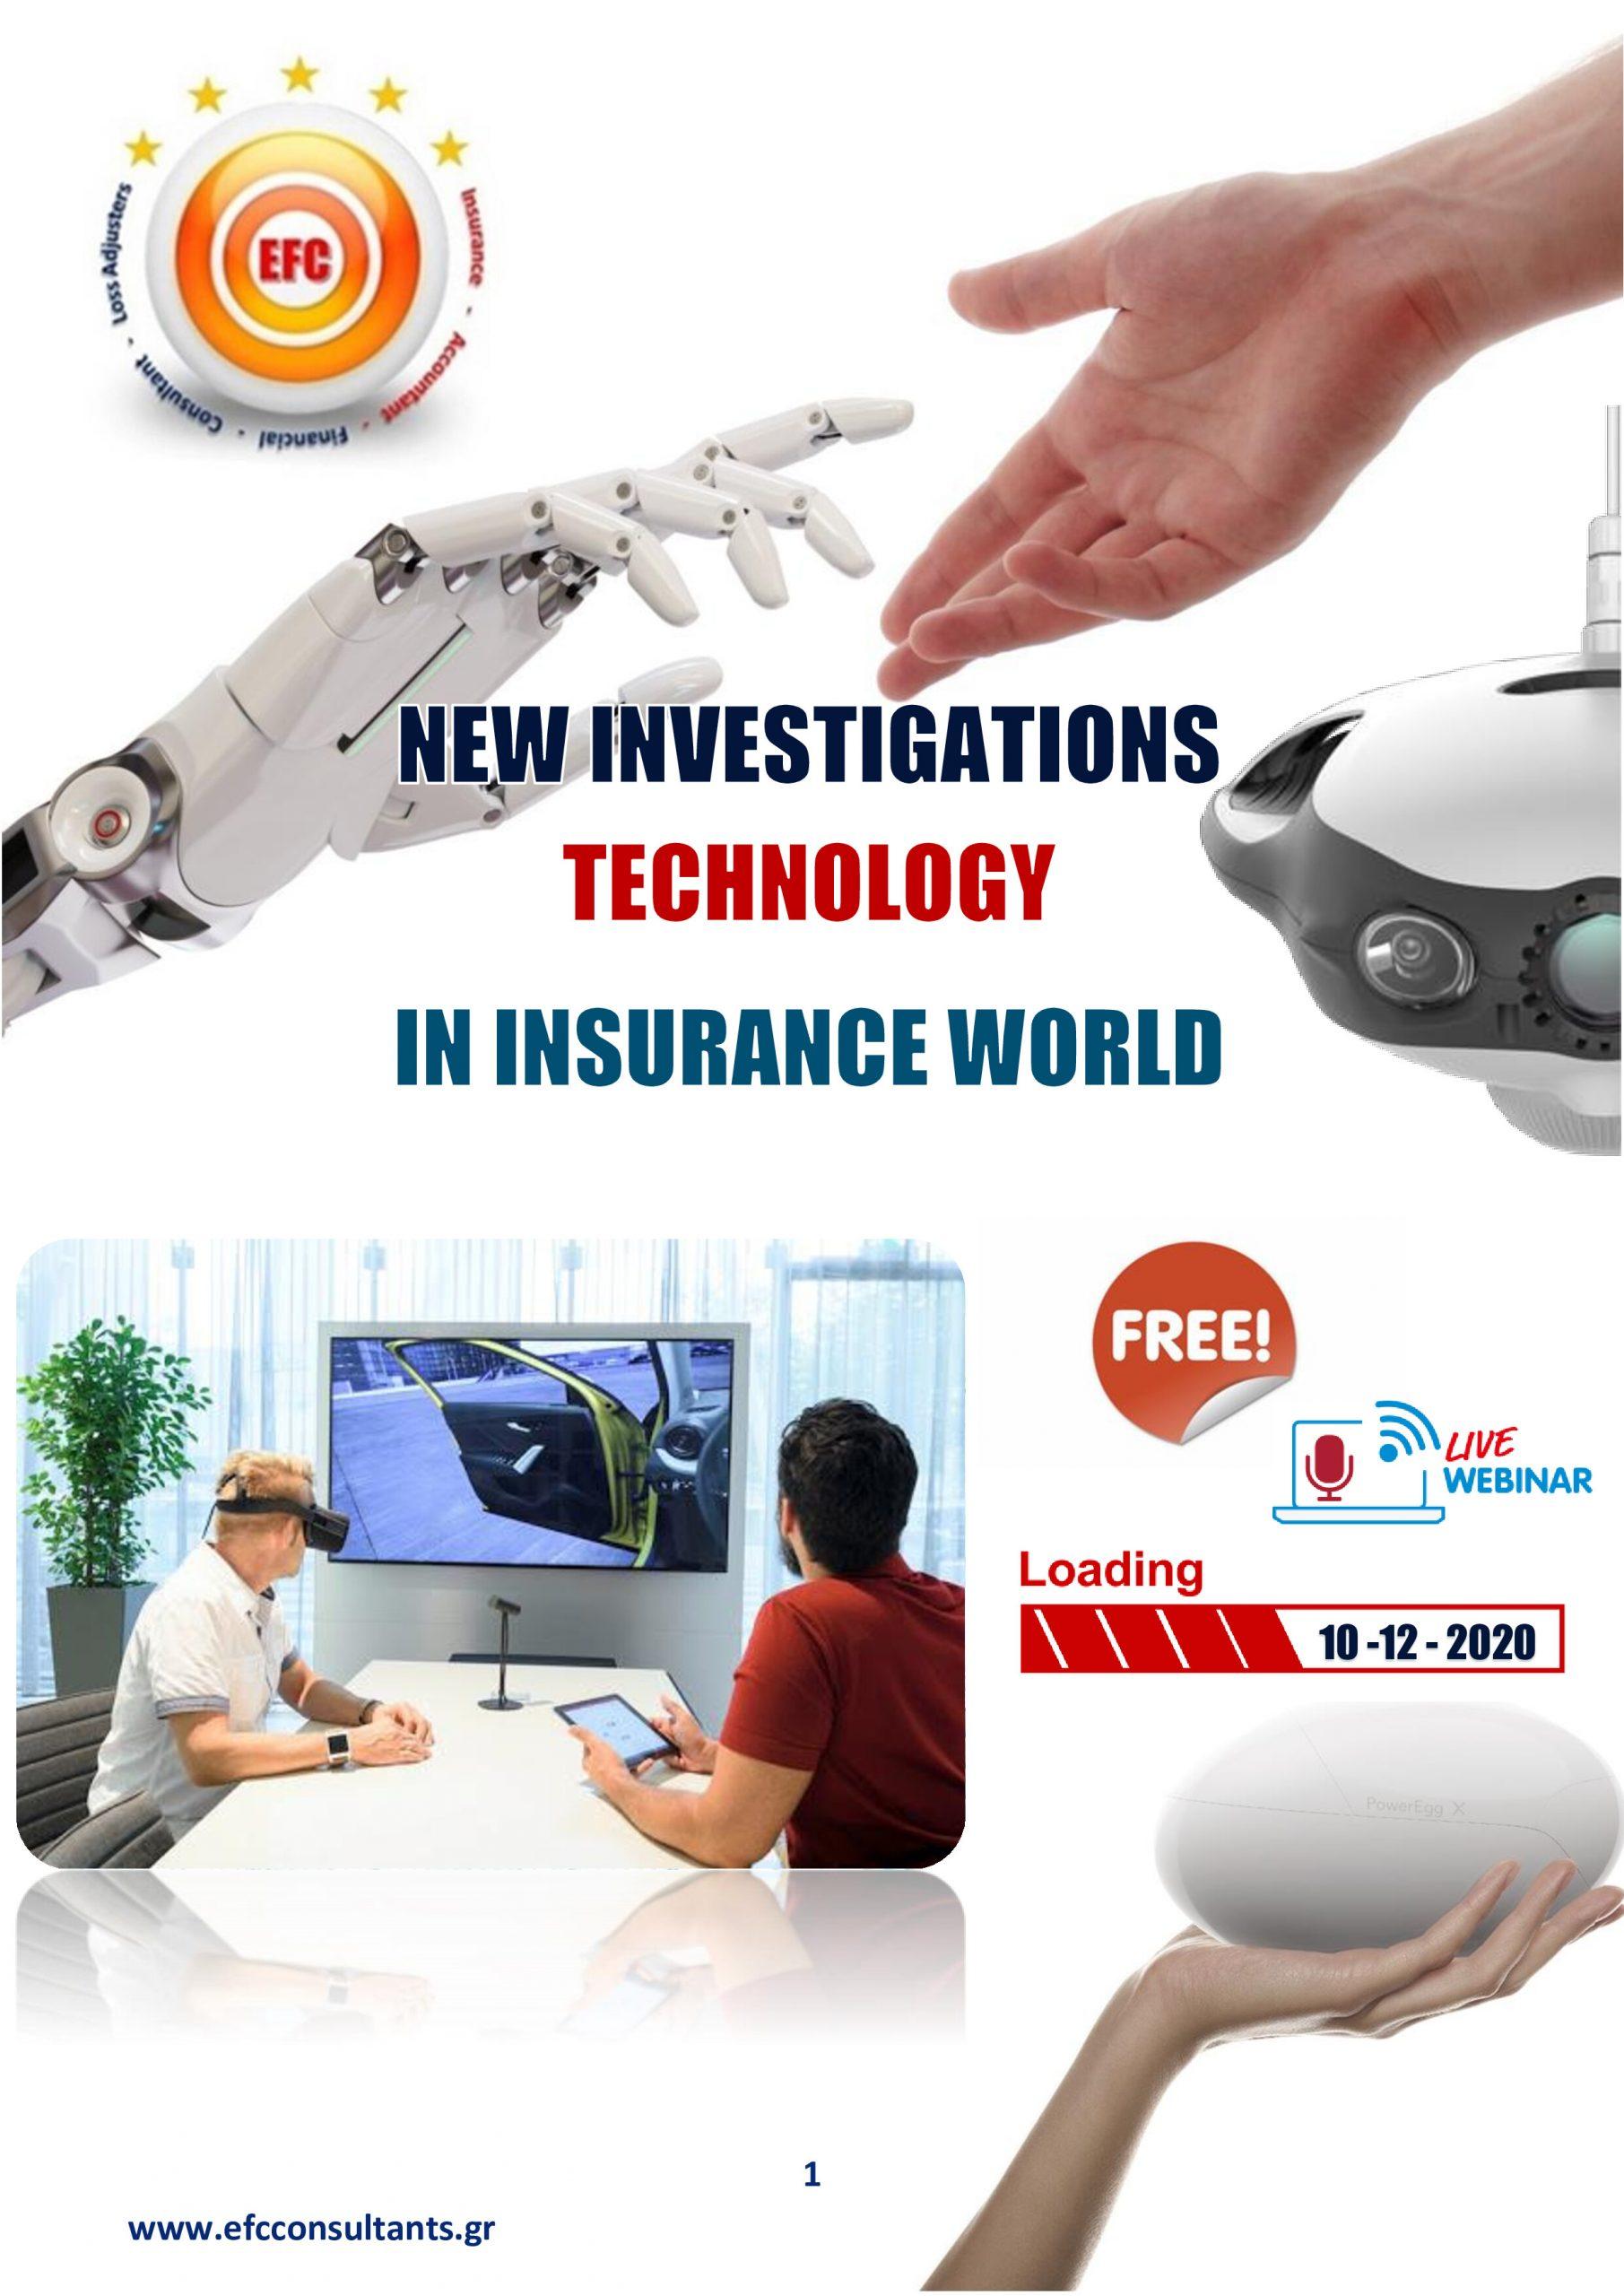 EFC Consultants - «Νέες Τεχνολογίες Διερεύνησης στον Ασφαλιστικό Κόσμο»